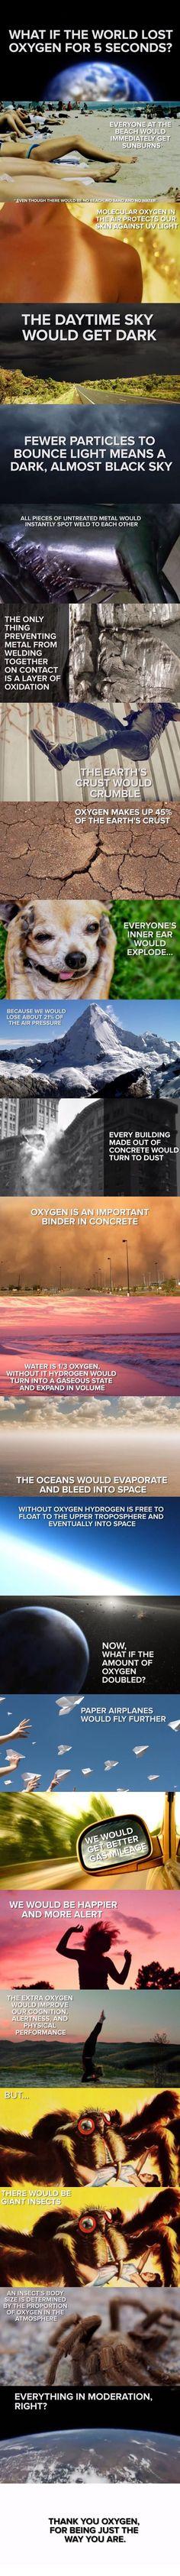 Good Guy Oxygen